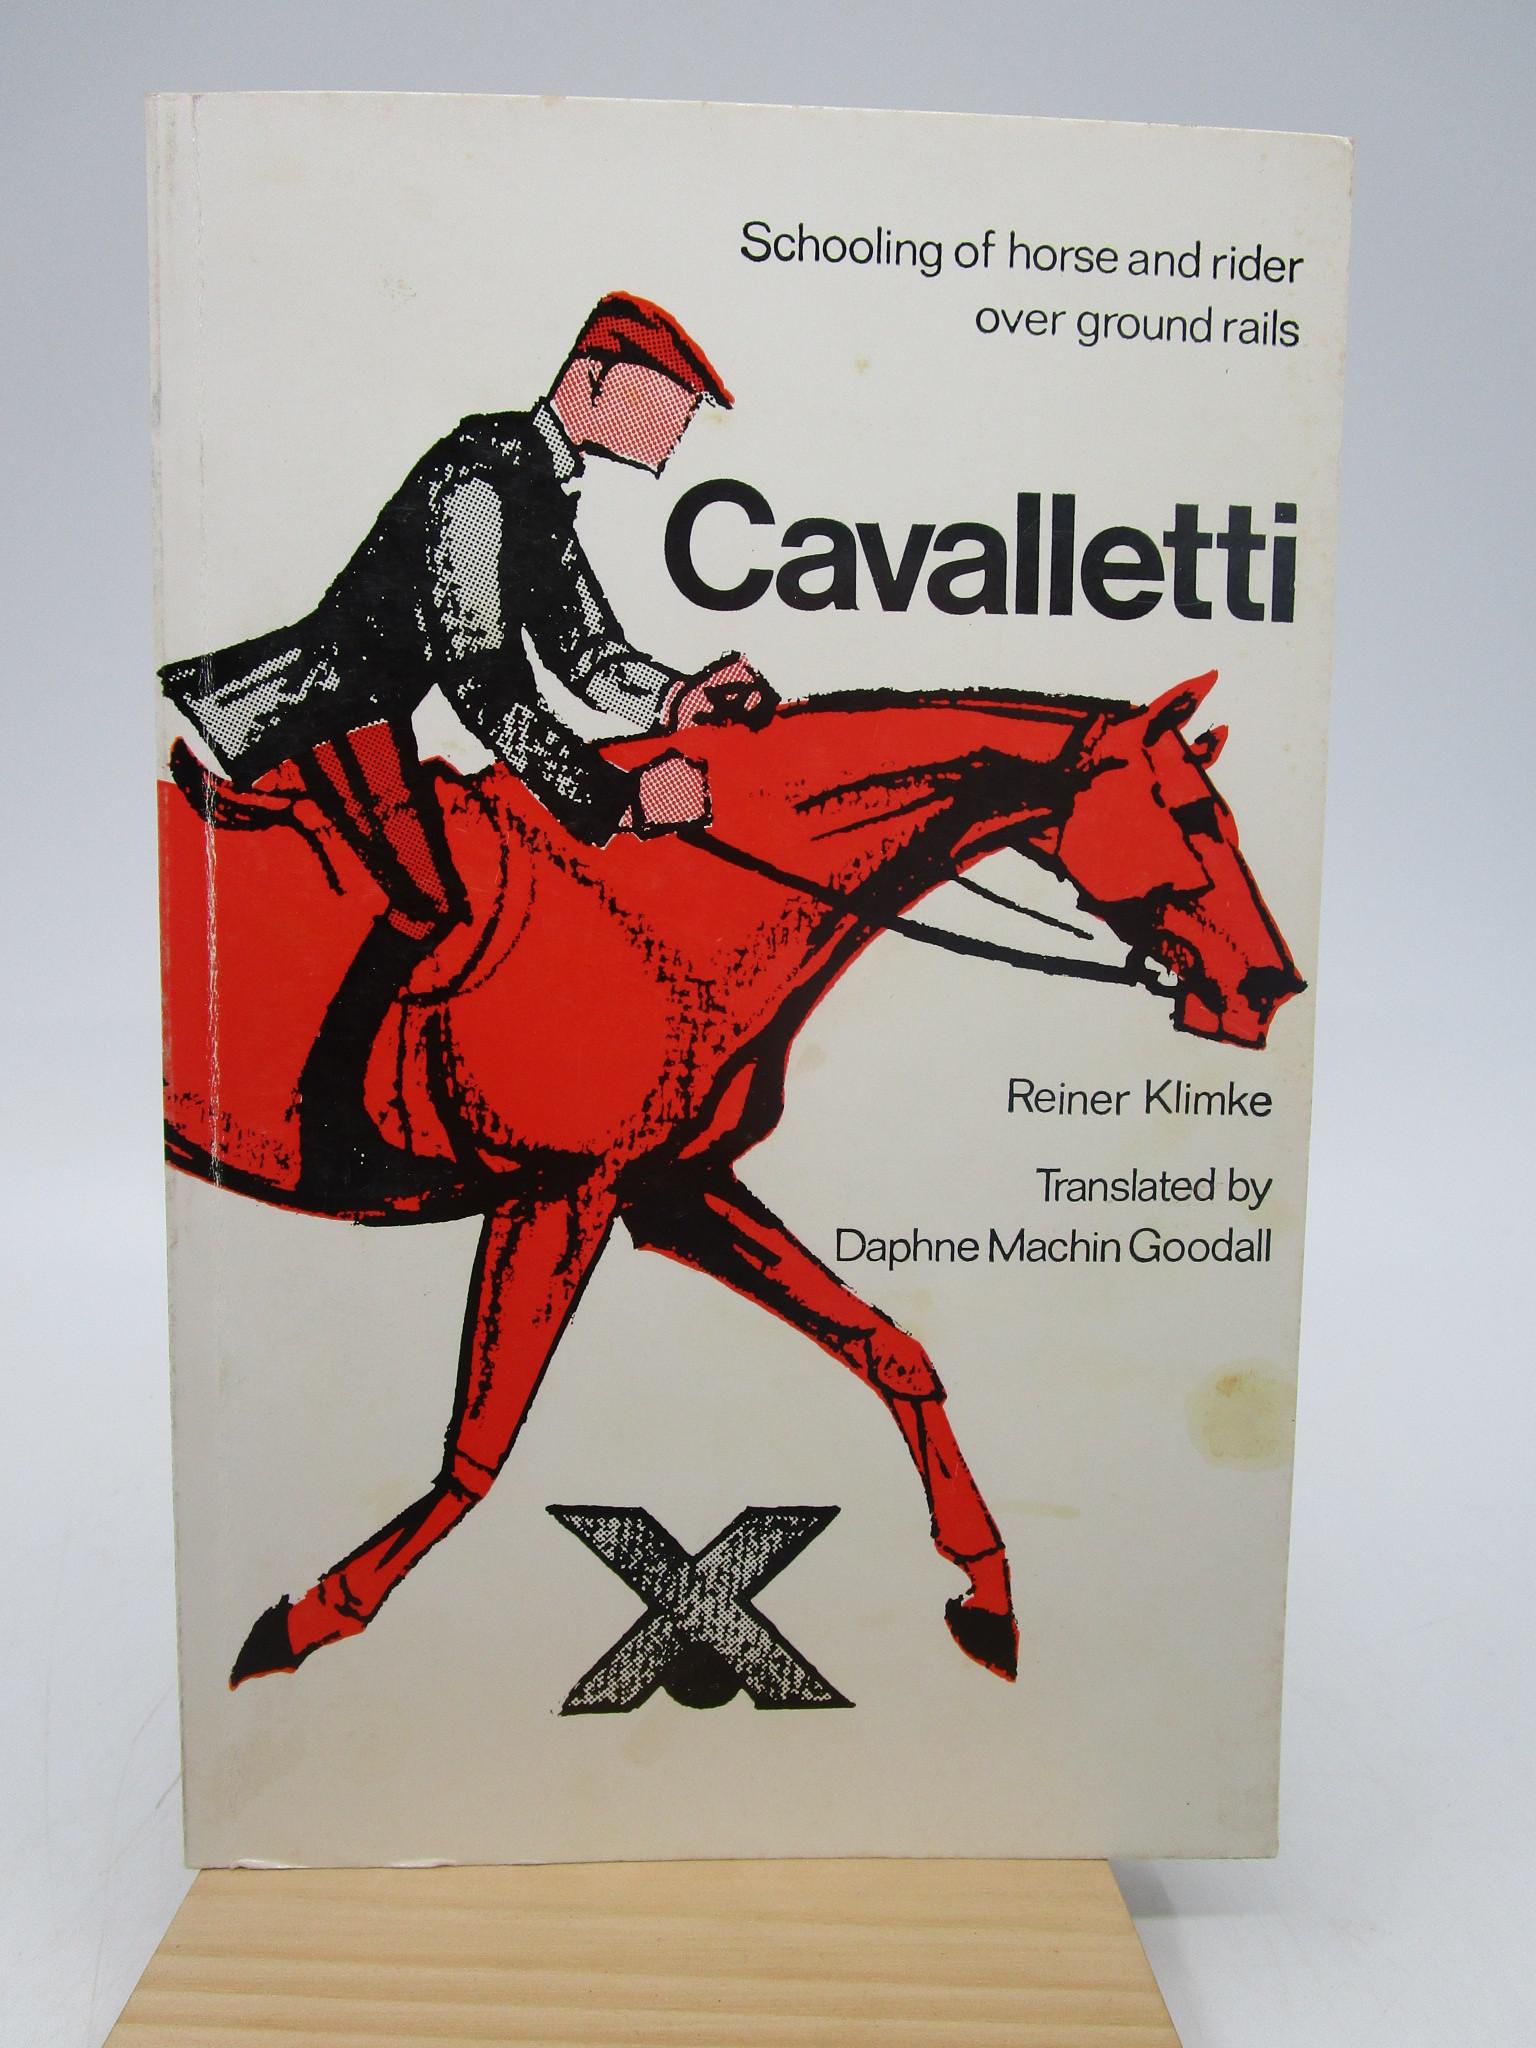 Image for Reiner Klimke Cavalletti: School of Horse and Rider over ground rails